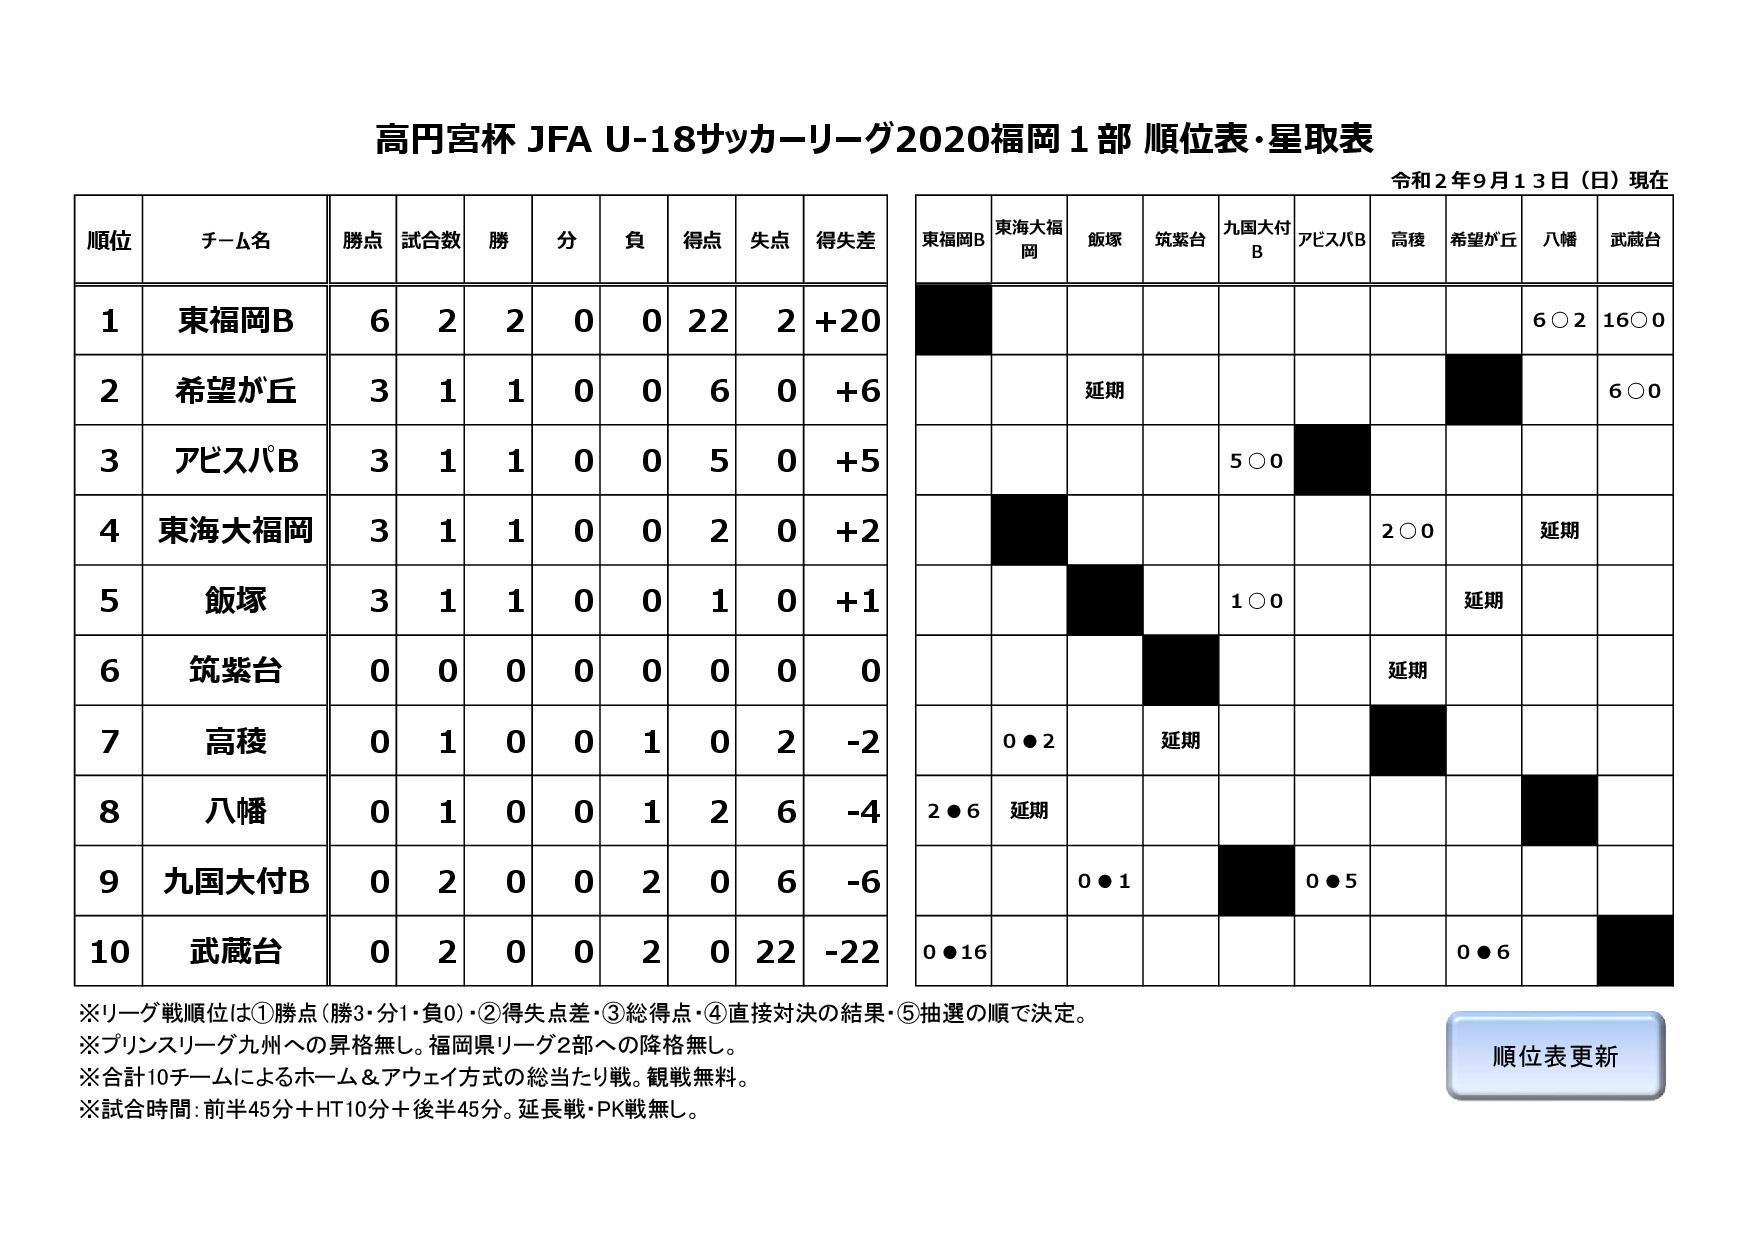 高円宮杯 JFA U-18サッカーリーグ2020福岡1部